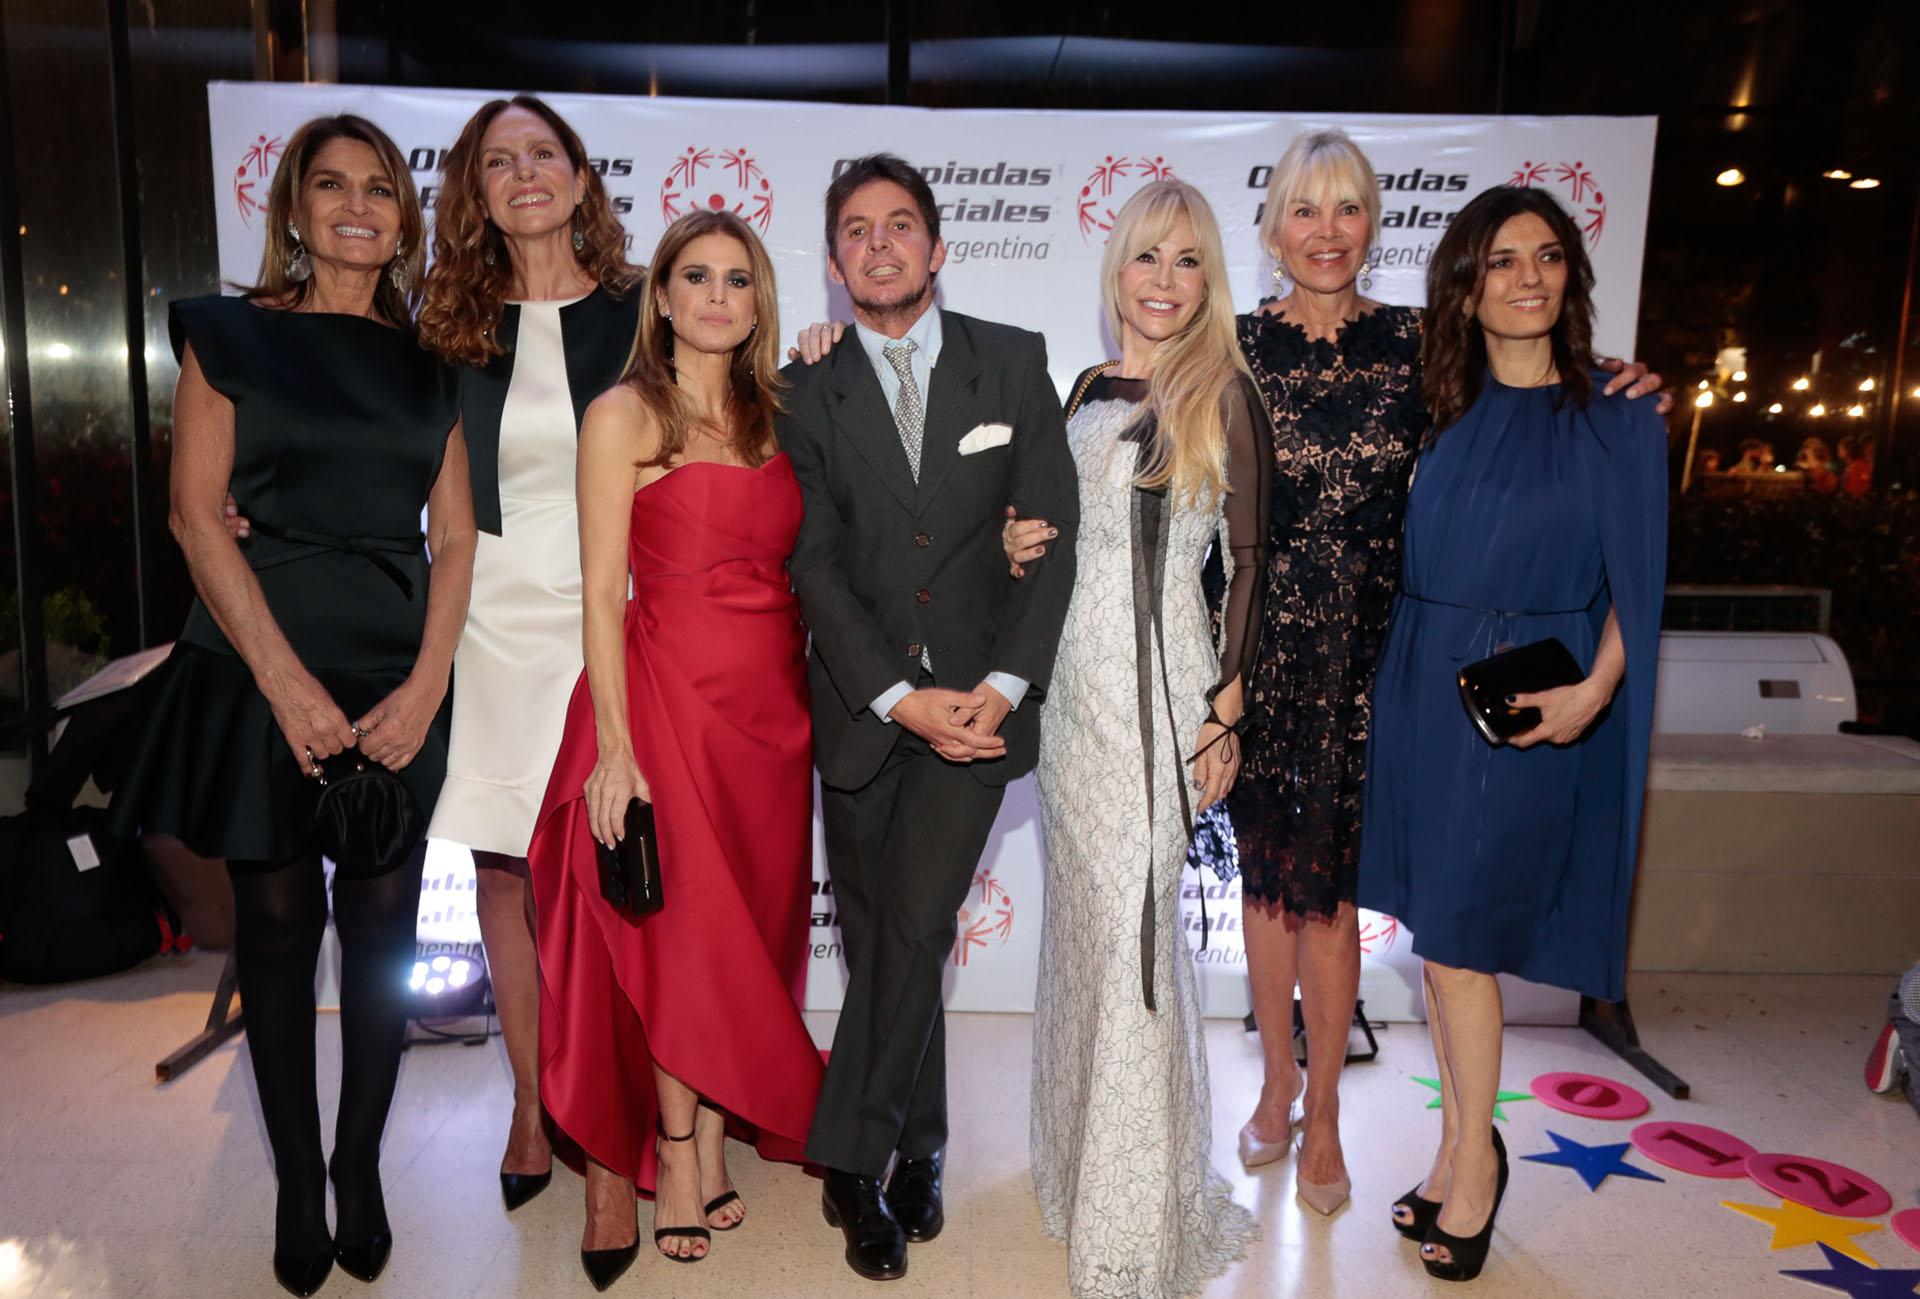 Teresa Calandra, Ginette Reynal, Flavia Palmiero, Gerard Confalonieri, Graciela Alfano, Delfina Frers y María Socas